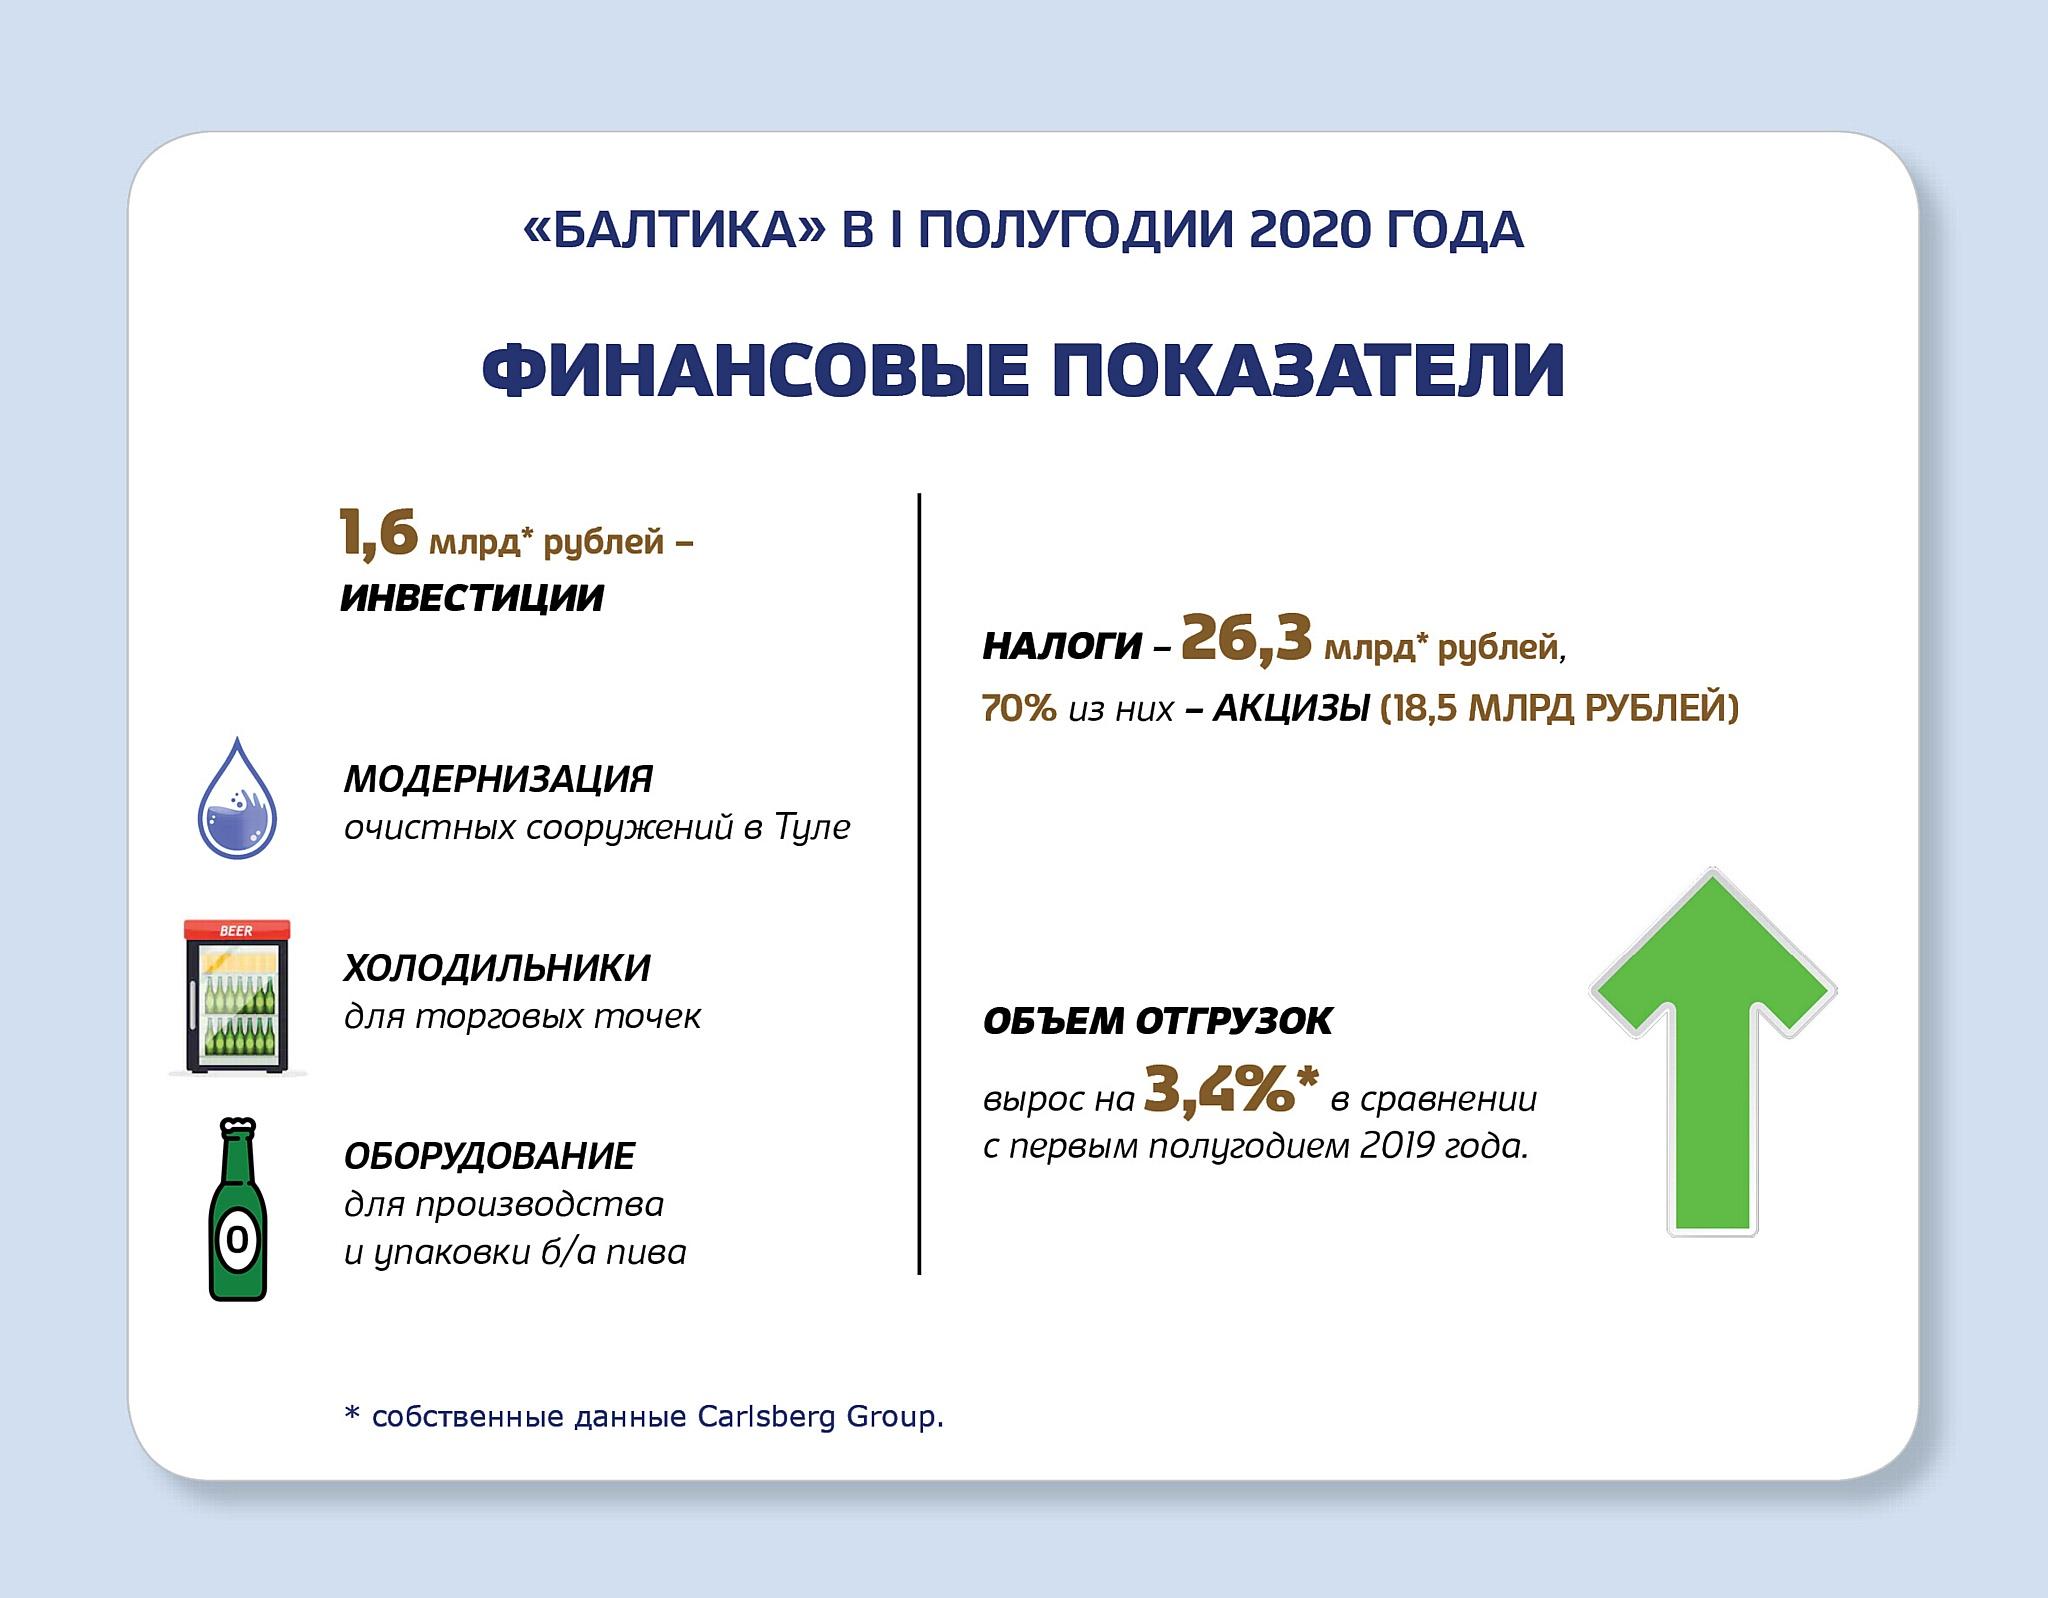 В I полугодии 2020 года «Балтика» нарастила объемы продаж